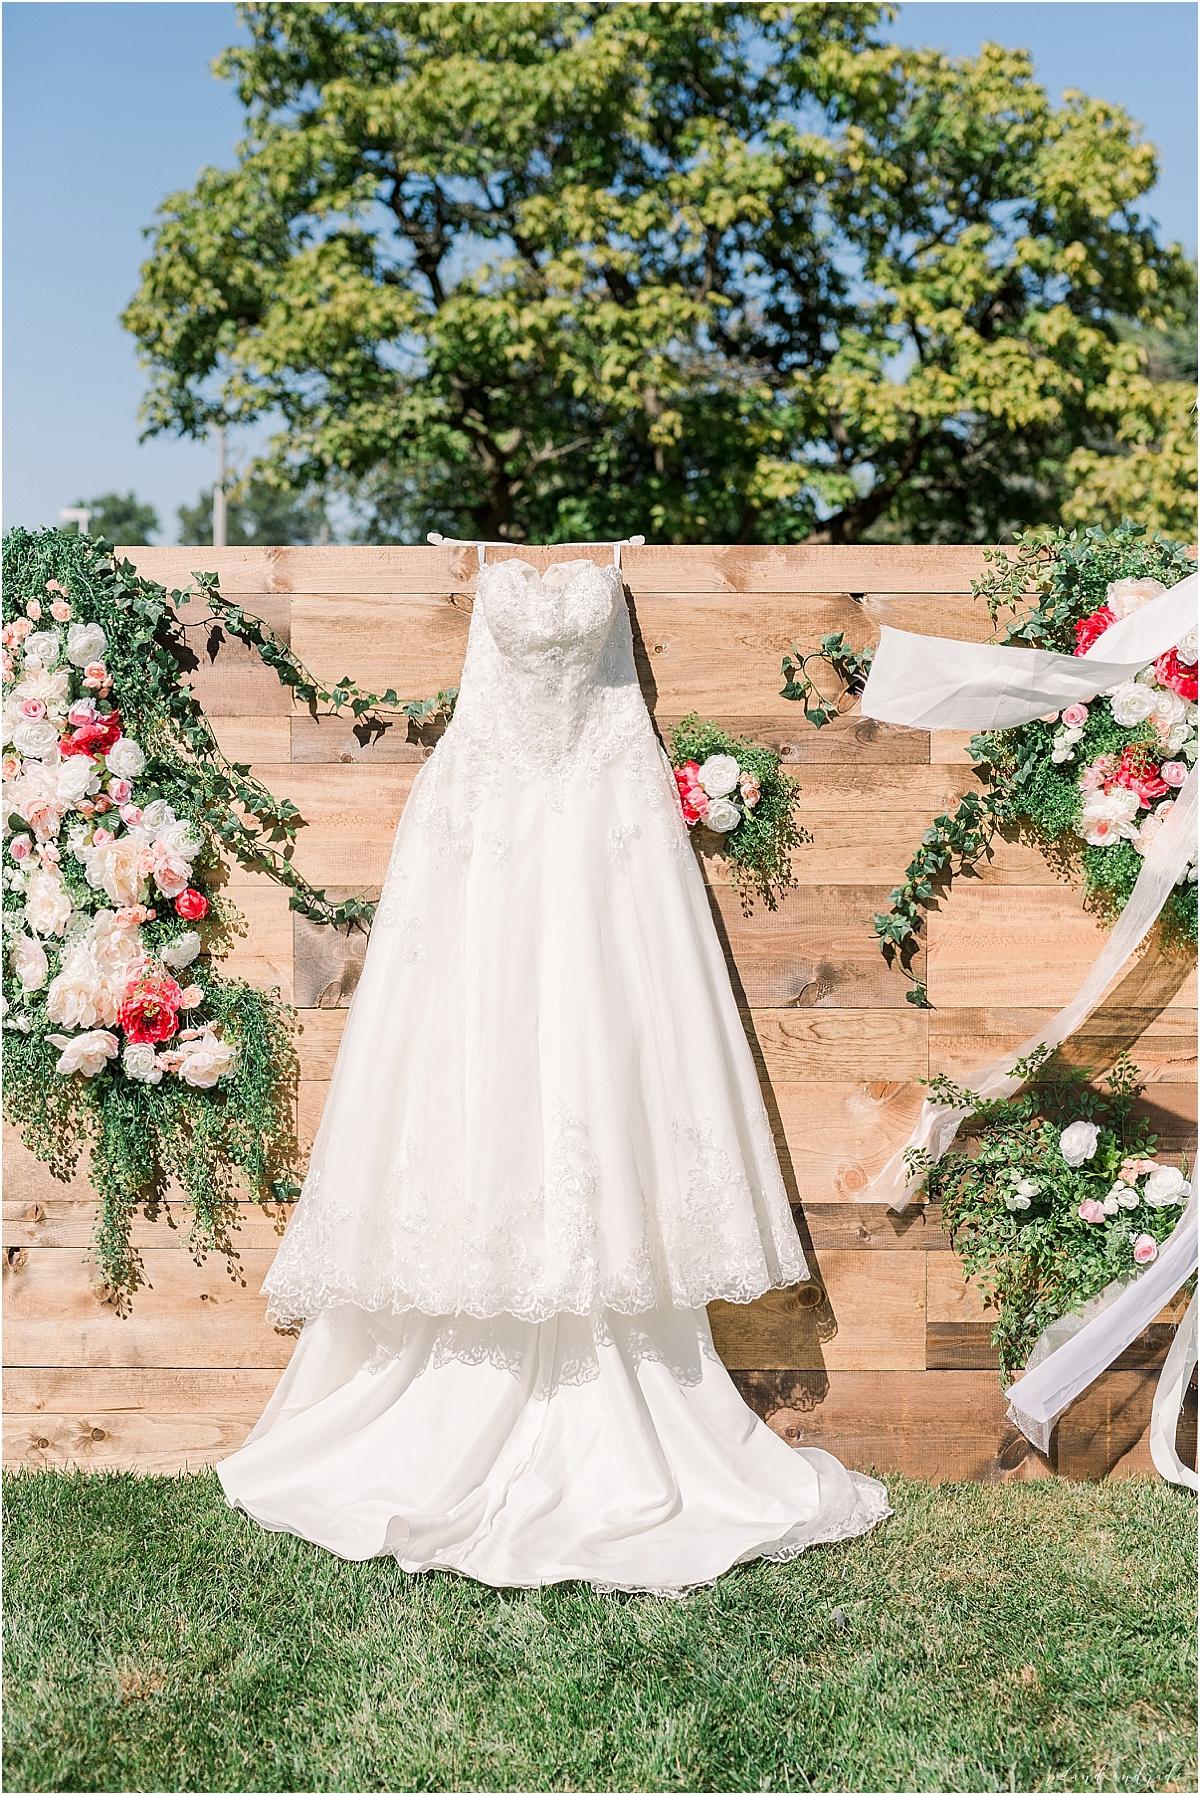 The Waterhouse Wedding, Chicago Wedding Photographer, Peoria Wedding Photographer, Best Photographer In Aurora, Best Photographer In Chicago_0005.jpg